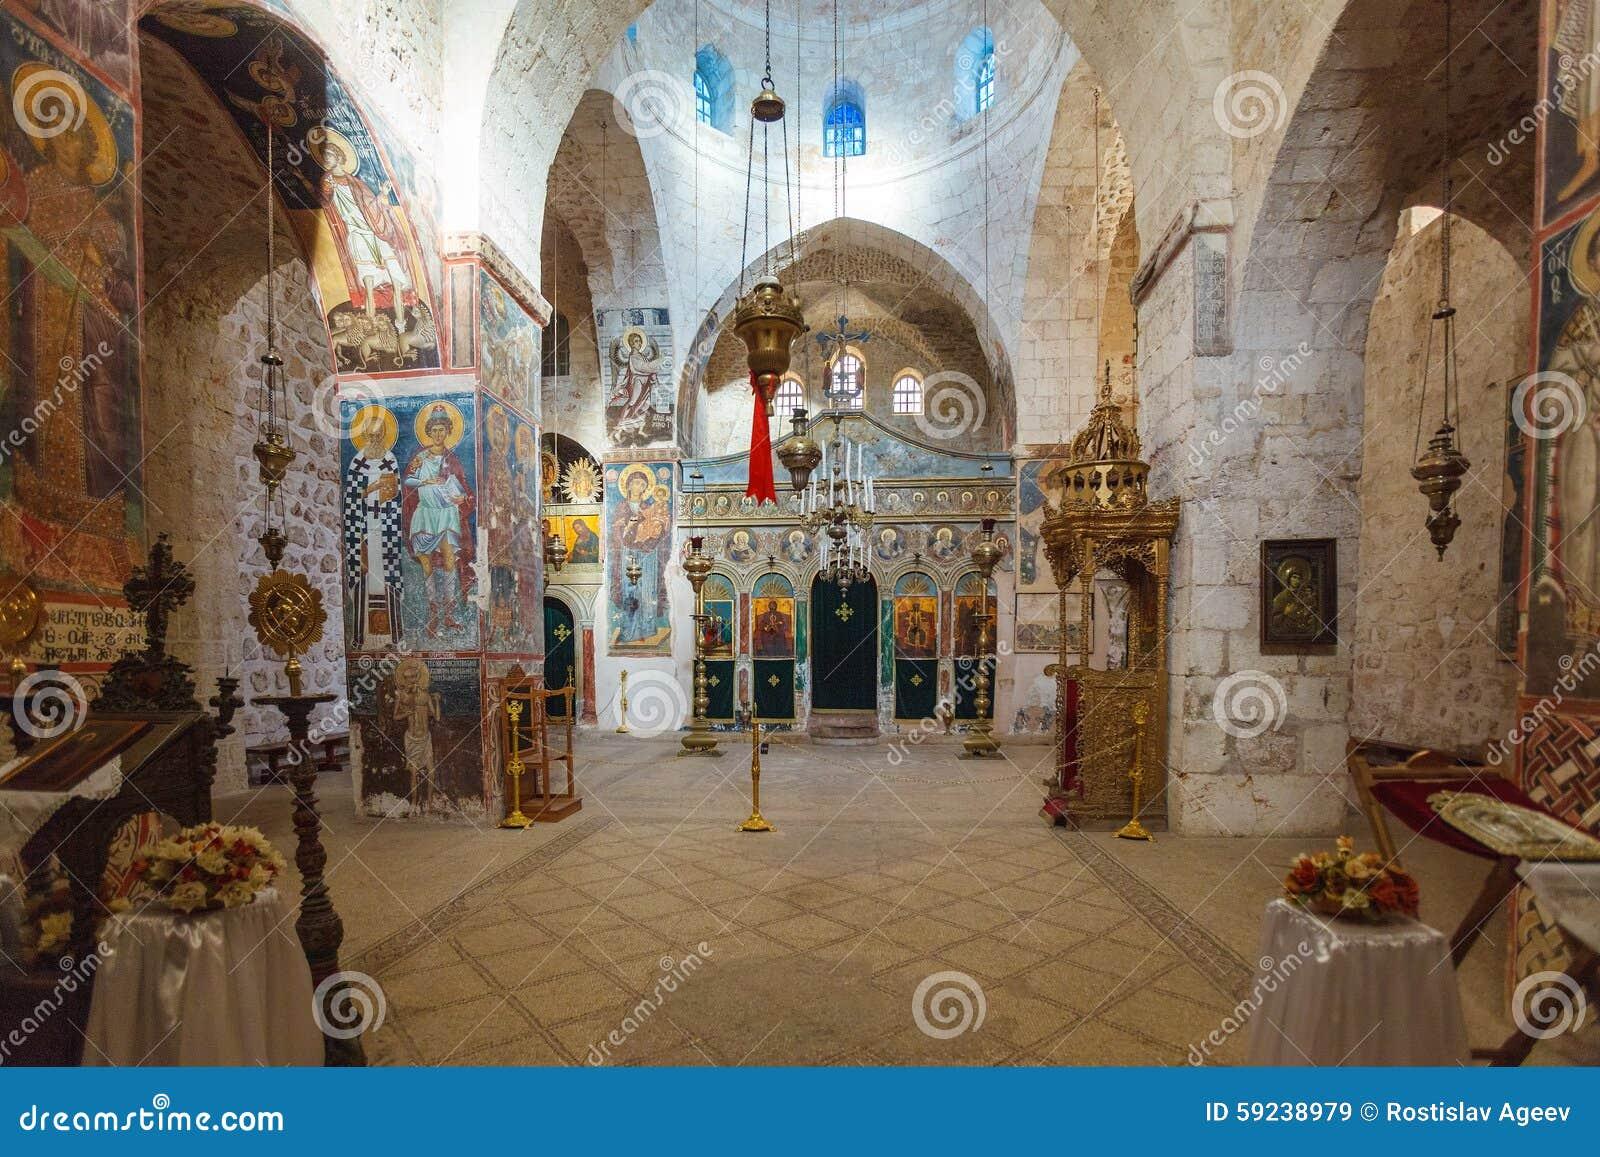 Download El Monasterio Del Interior Cruzado, Jerusalén Imagen de archivo - Imagen de jerusalén, templo: 59238979